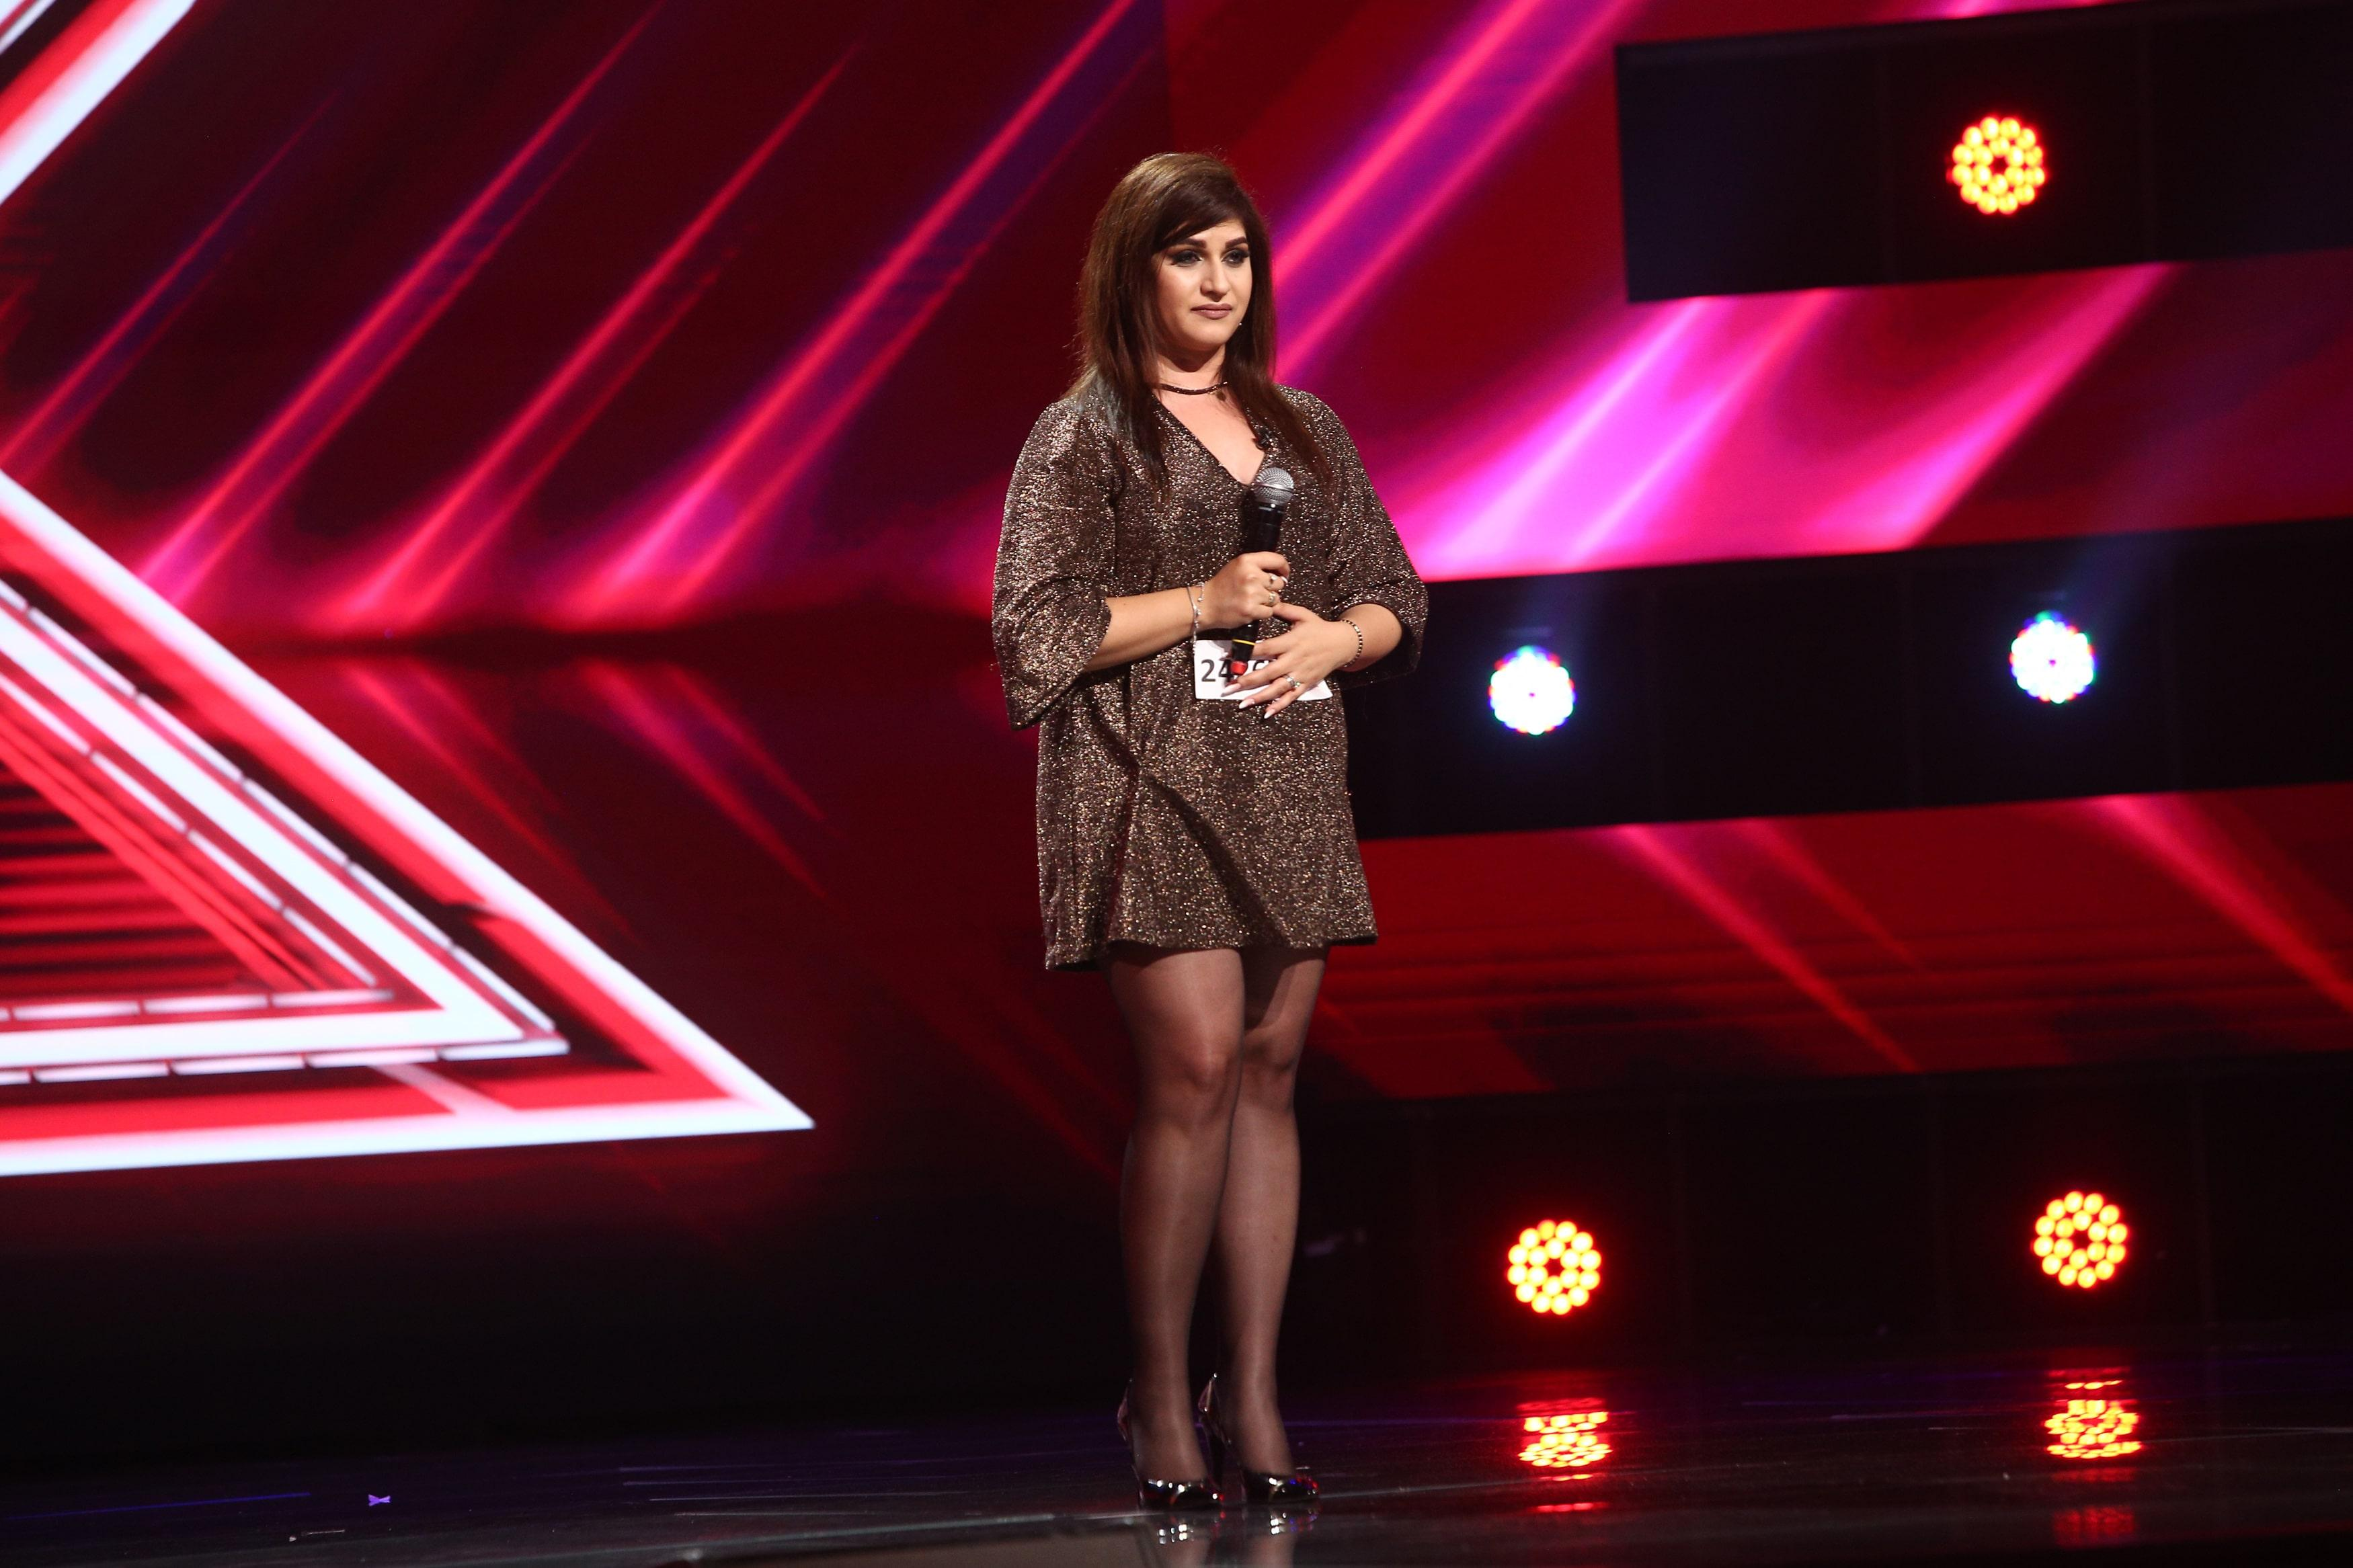 X Factor 2021, 24 septembrie. Lavinia Ioana Lăcătuș, interpretarea perfectă a piesei Make it rain cu care a surprins juriul